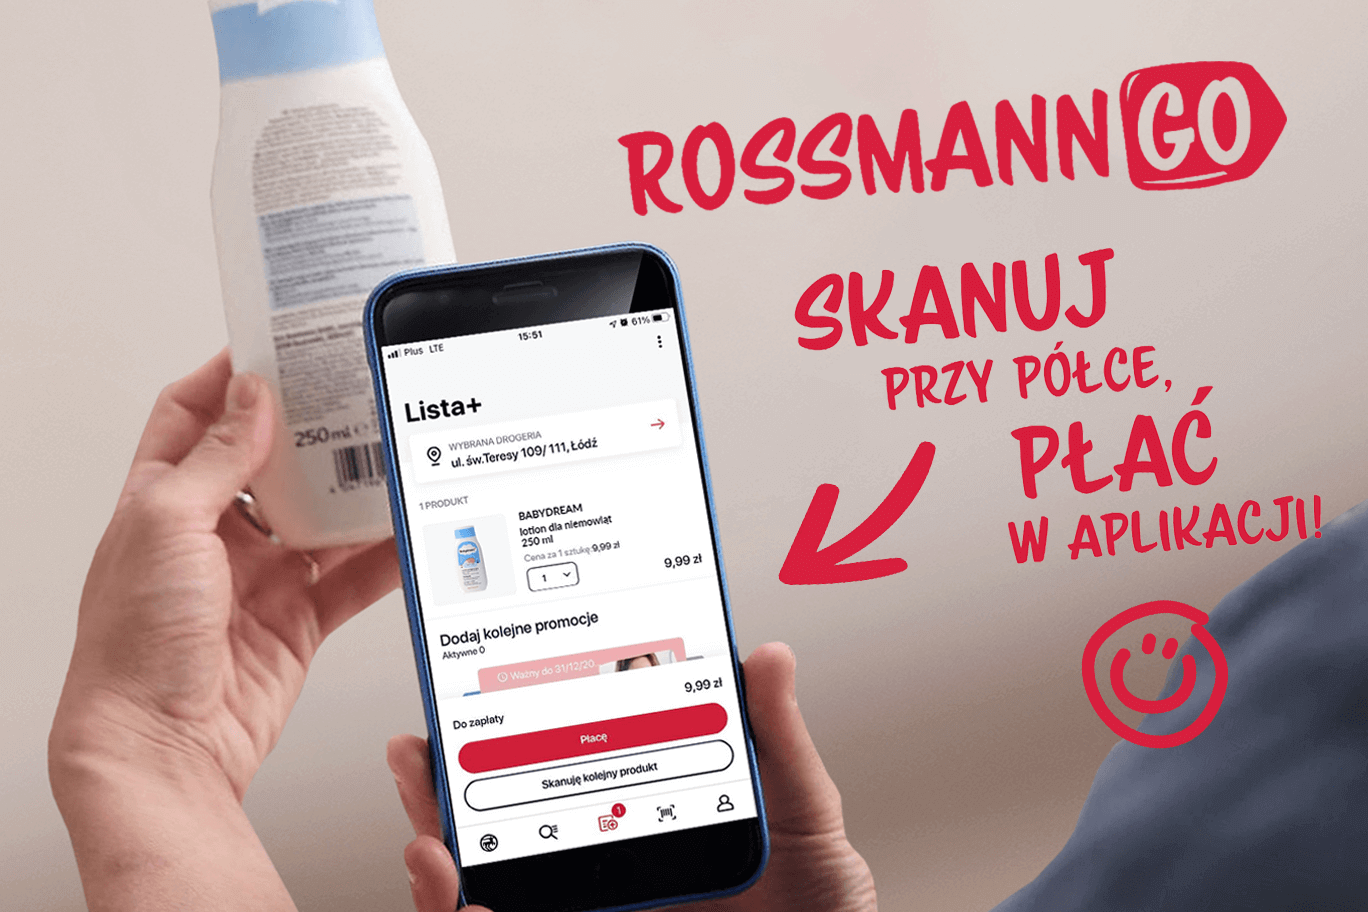 Rossmann Go – płać za zakupy bez kolejek